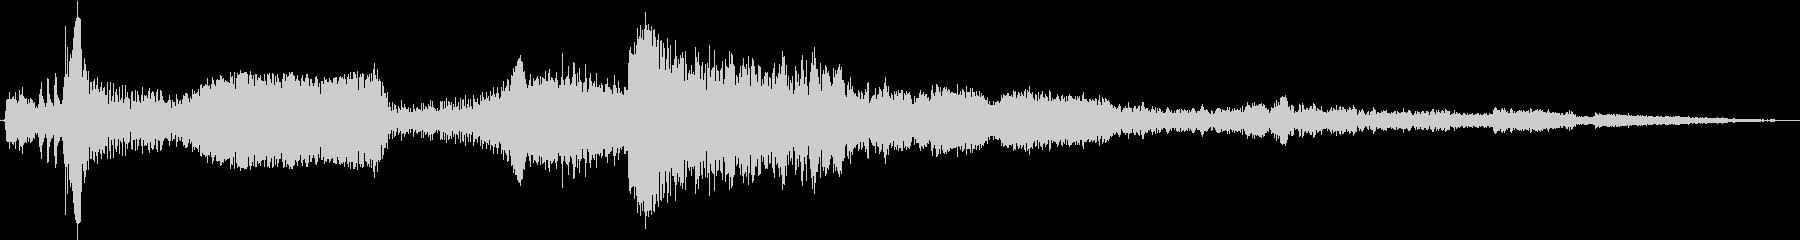 フォードパトカー:内線:スタート、...の未再生の波形